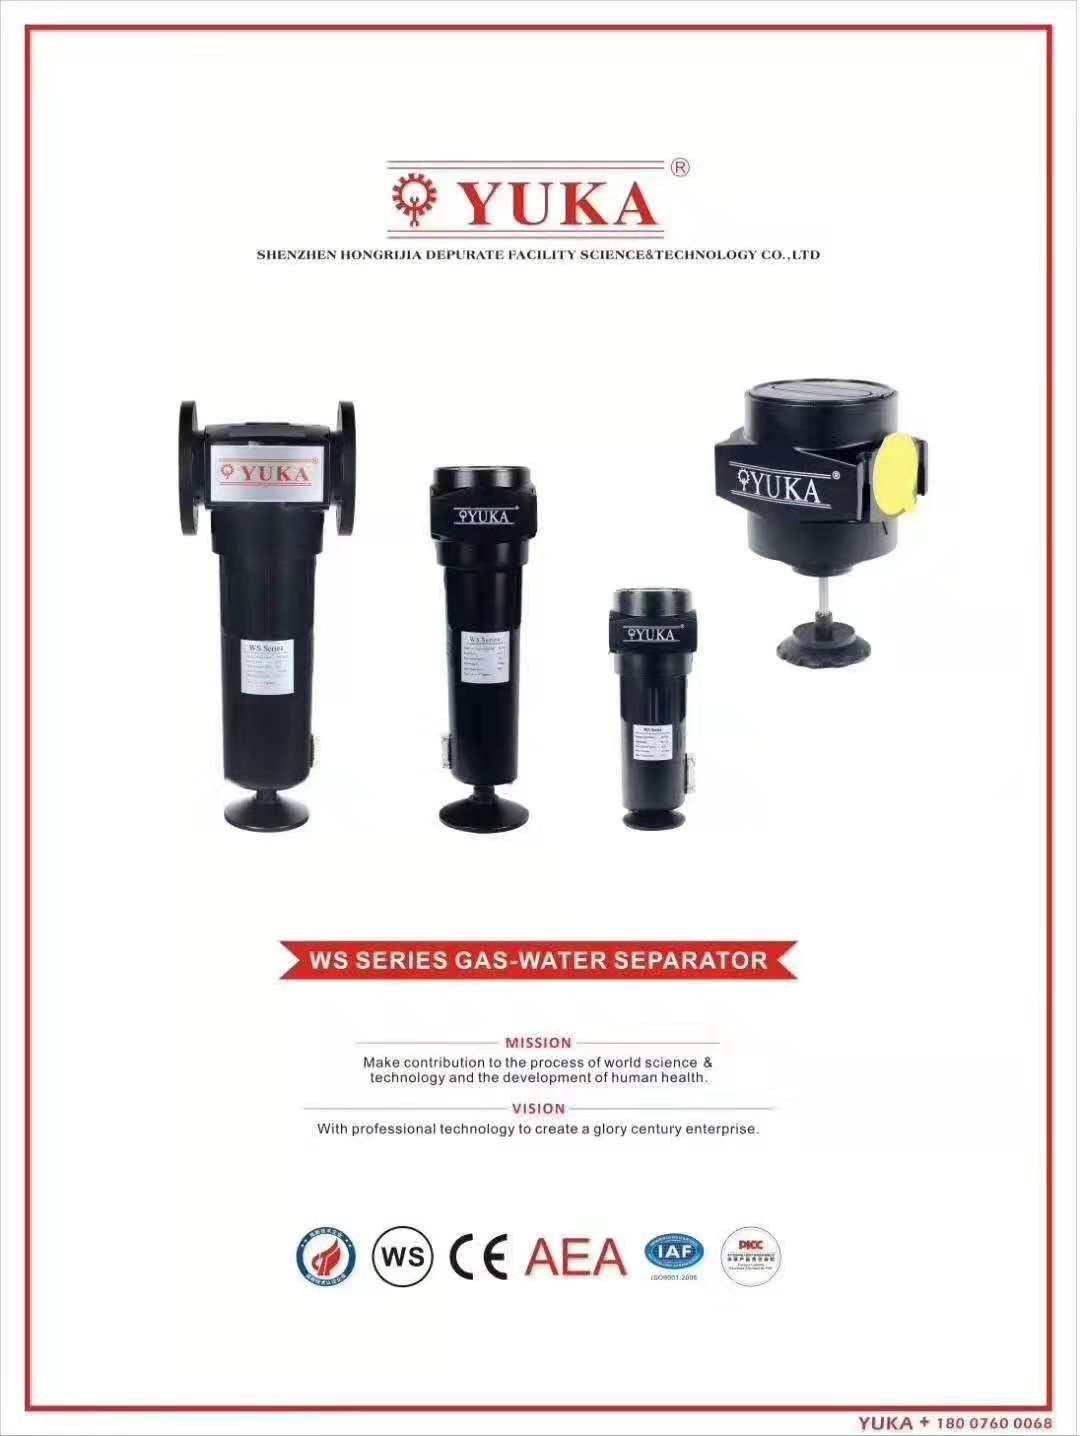 旋风气水分离器-大量供应质量优的压缩空气过滤器